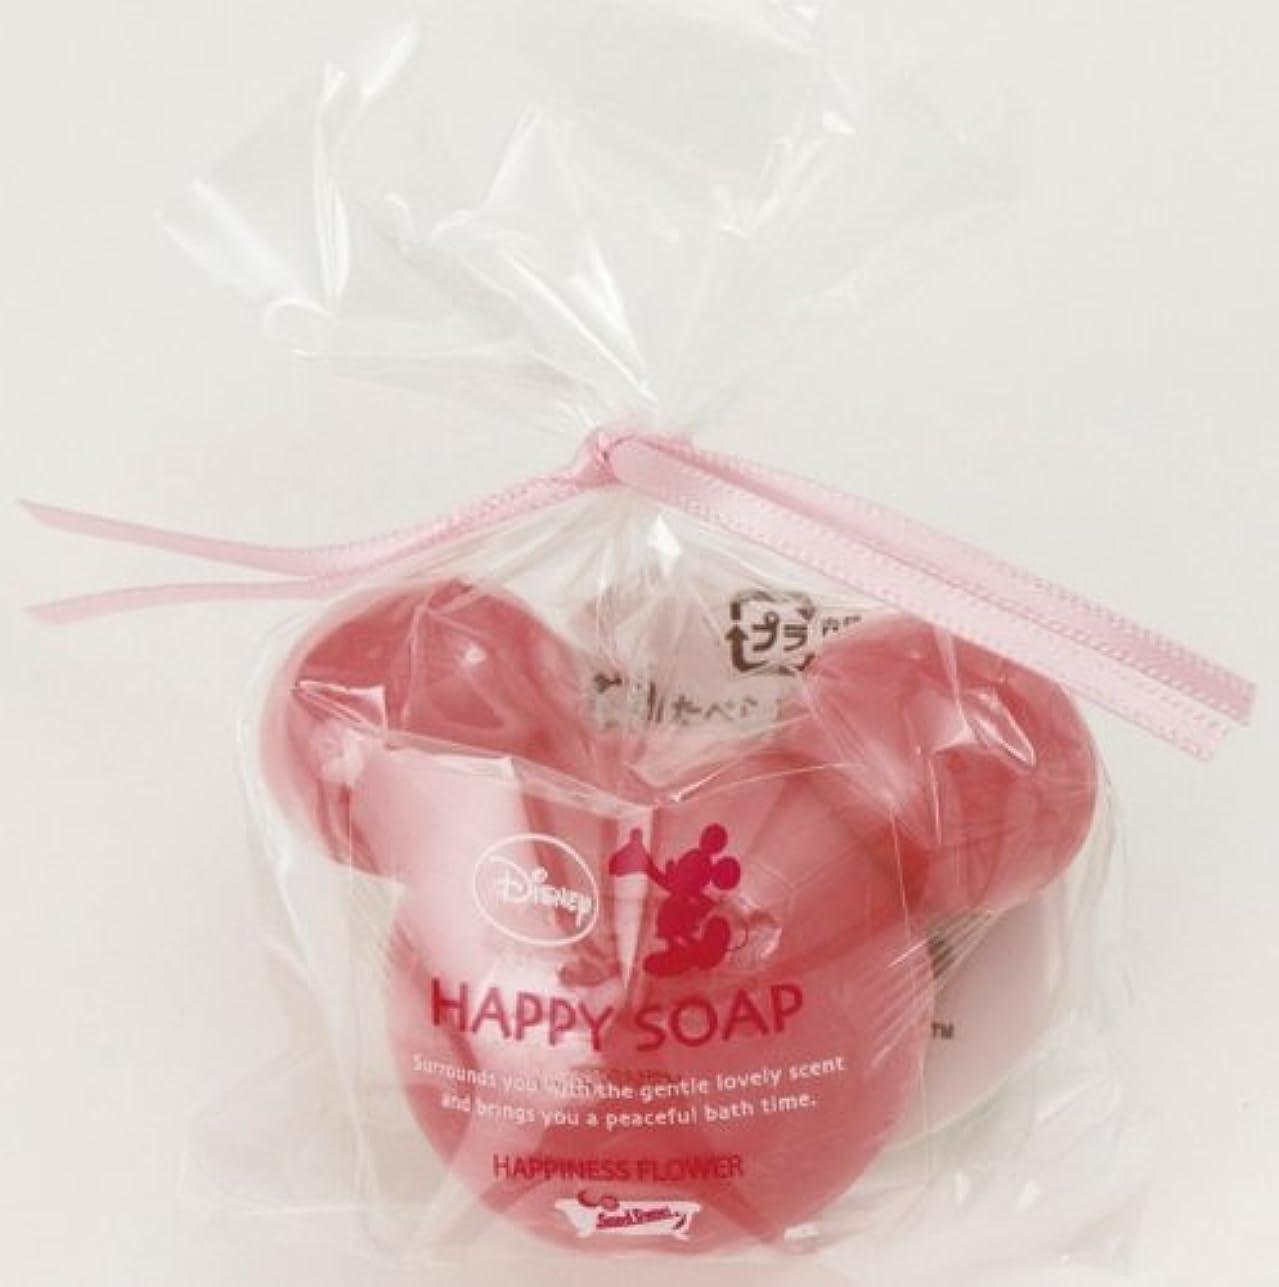 承認する真実むちゃくちゃミッキーマウスのプチギフト ハッピーソープ ディープピンク(ローズの香り)